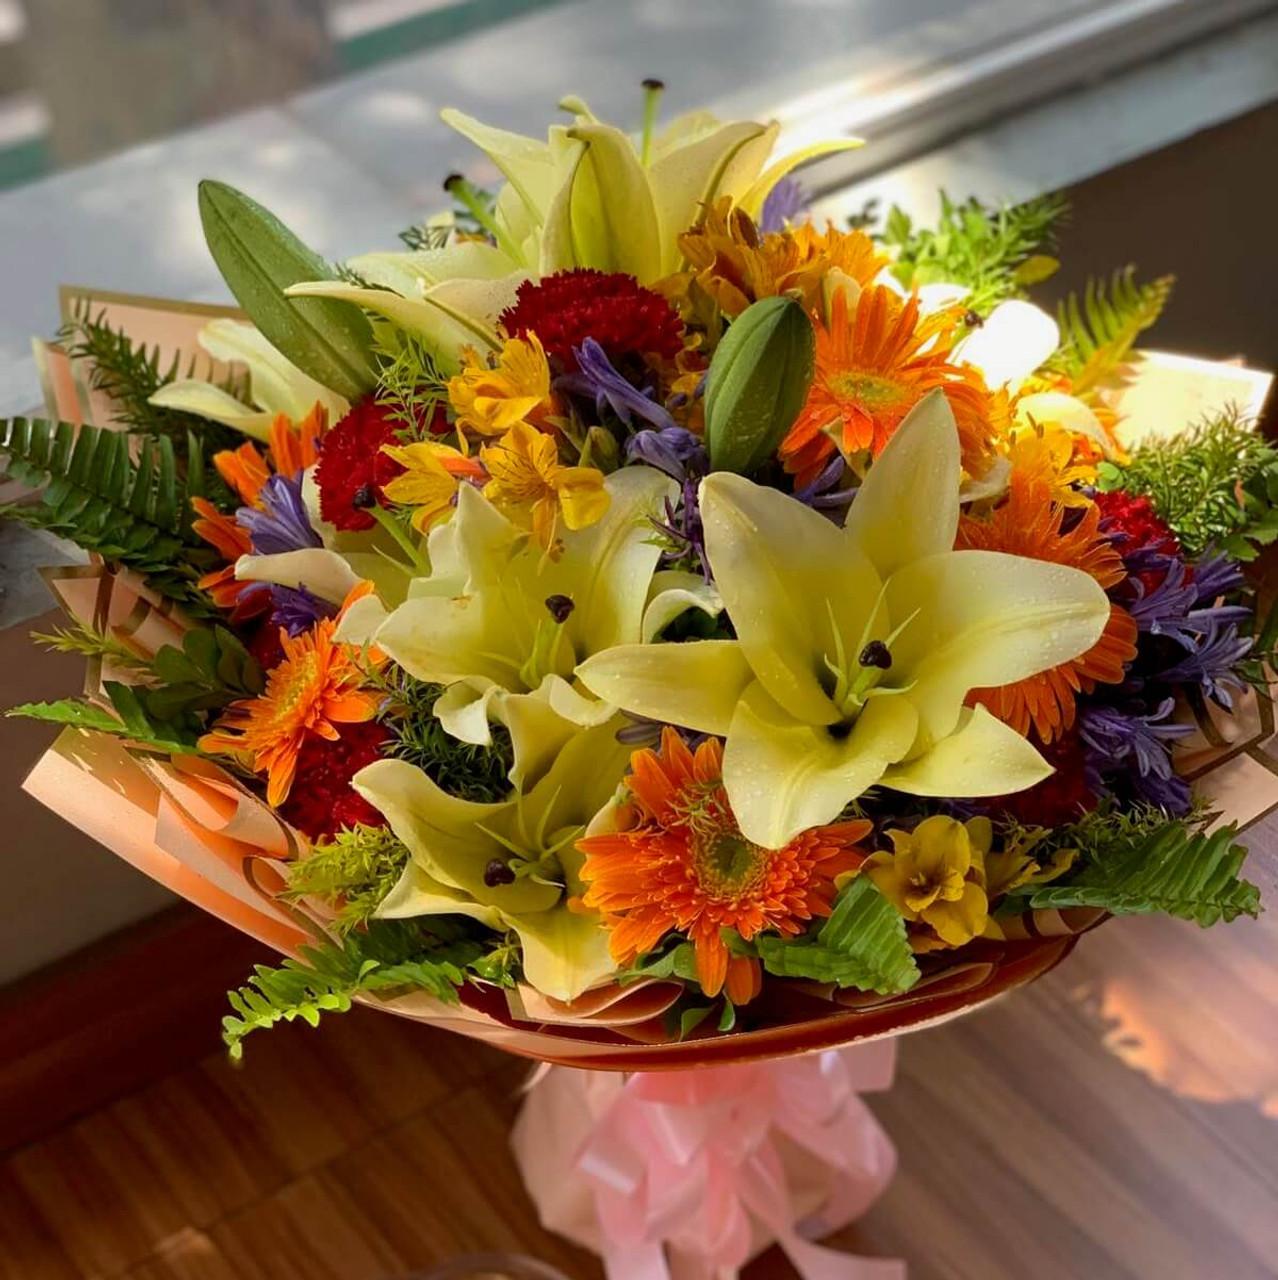 Sunburst Lilies Carnations Daisies Bouquet